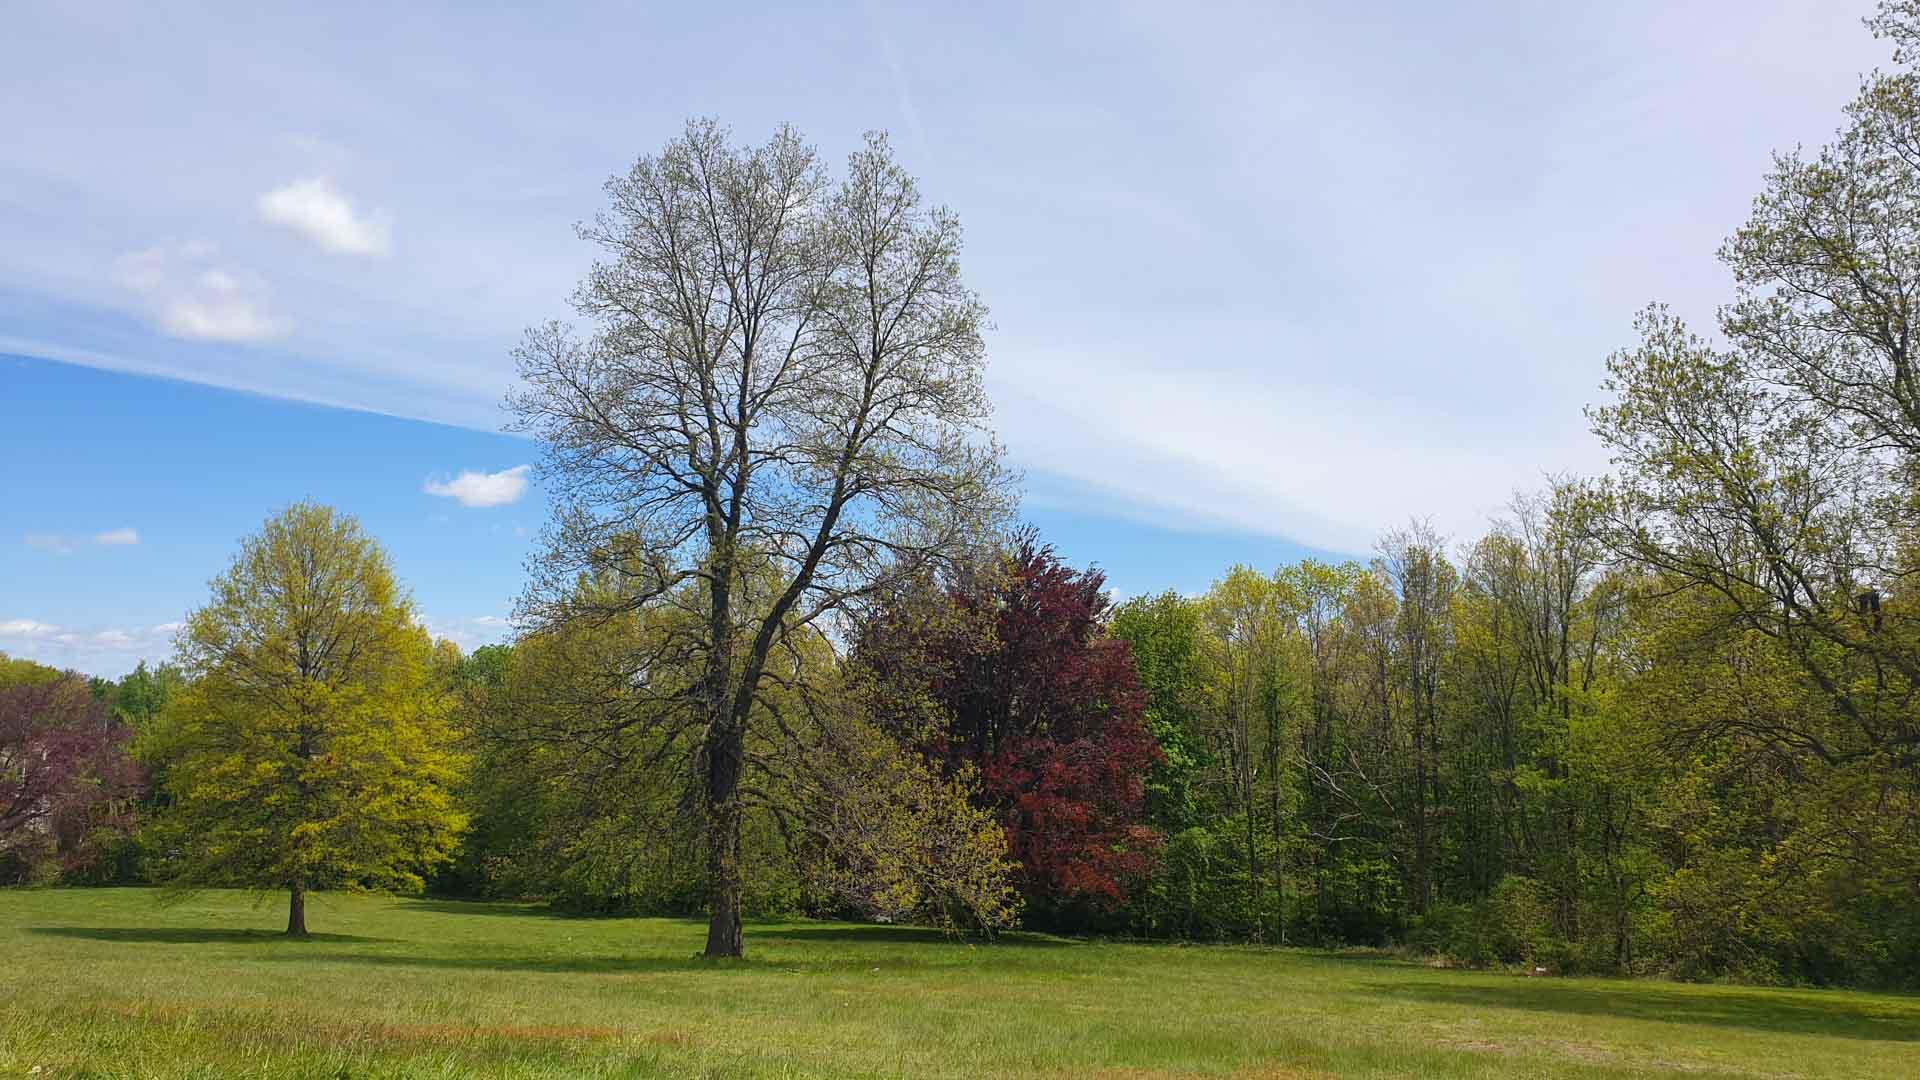 Paisajes en East Rock Park, New Haven, Connecticut